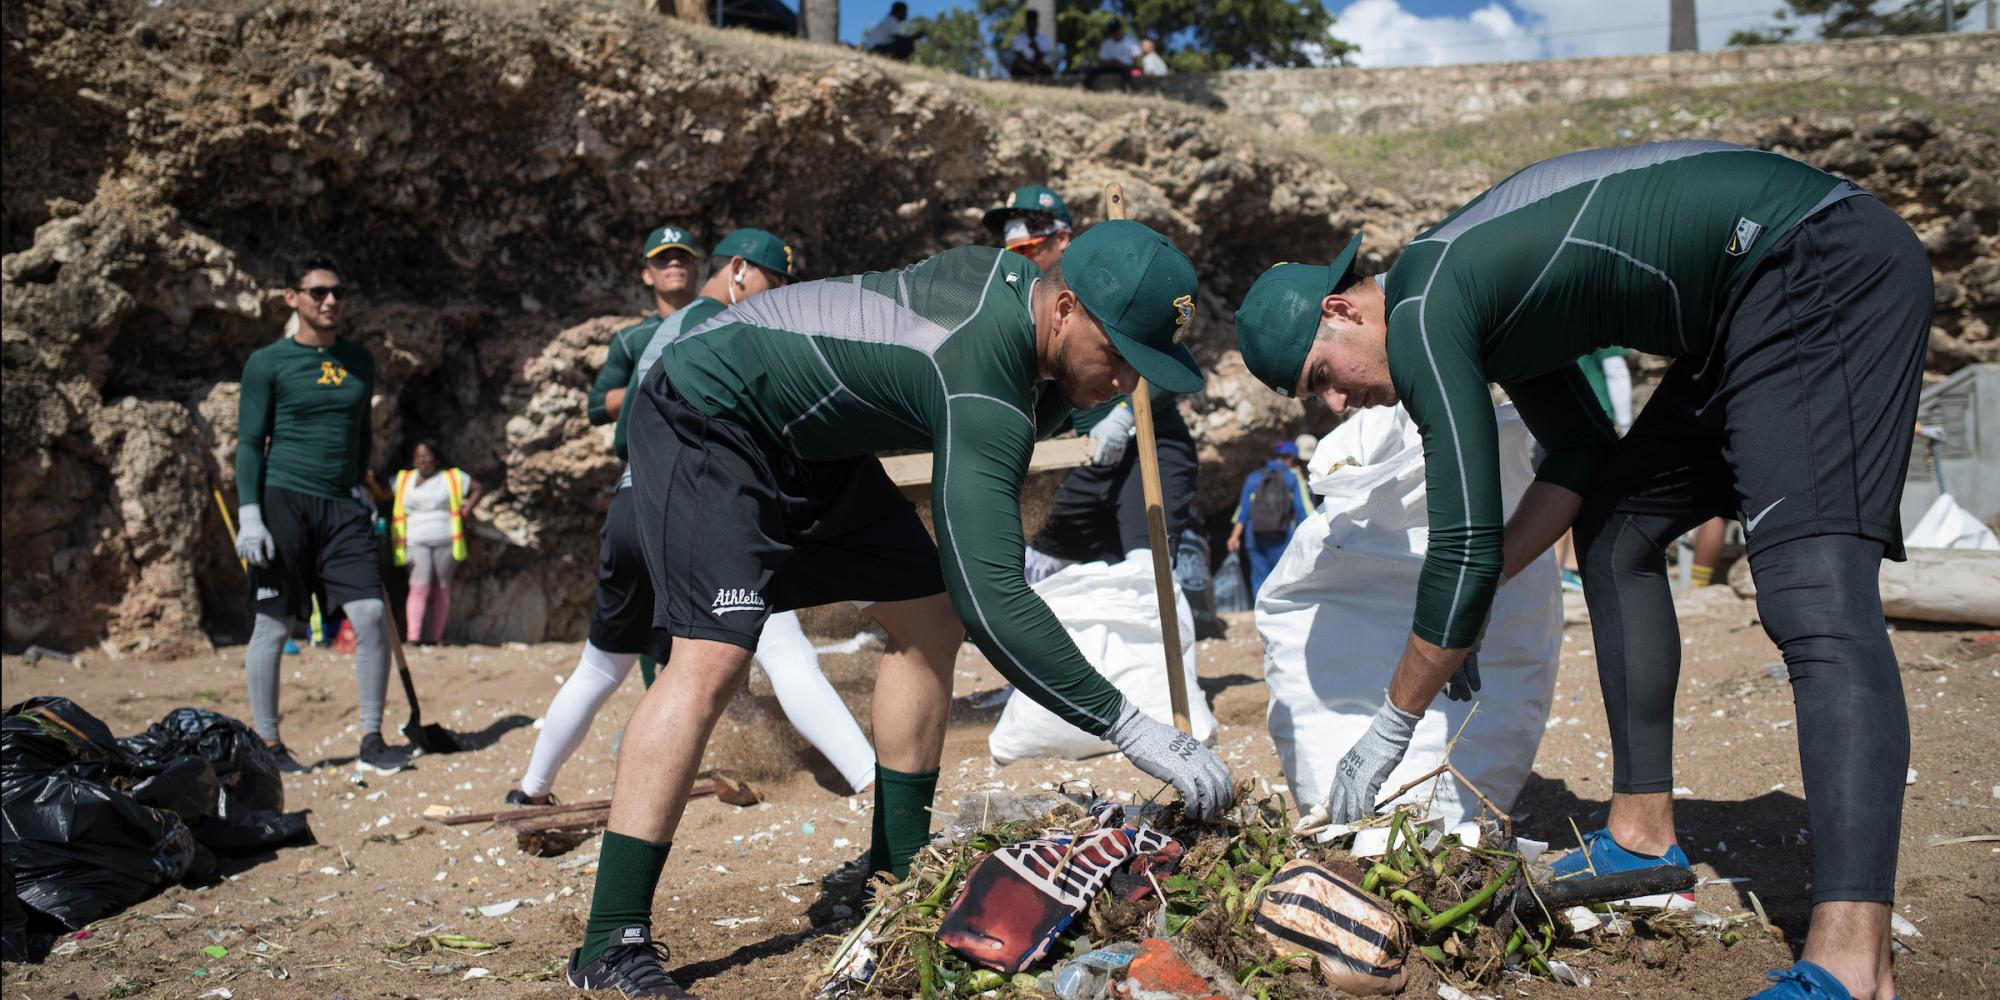 Chris Dickerson, ex jugador de Grandes Ligas y cofundador de Players for the Planet, encabezó la primera limpieza de desechos plásticos en la República Dominicana en colaboración con jugadores profesionales de béisbol.